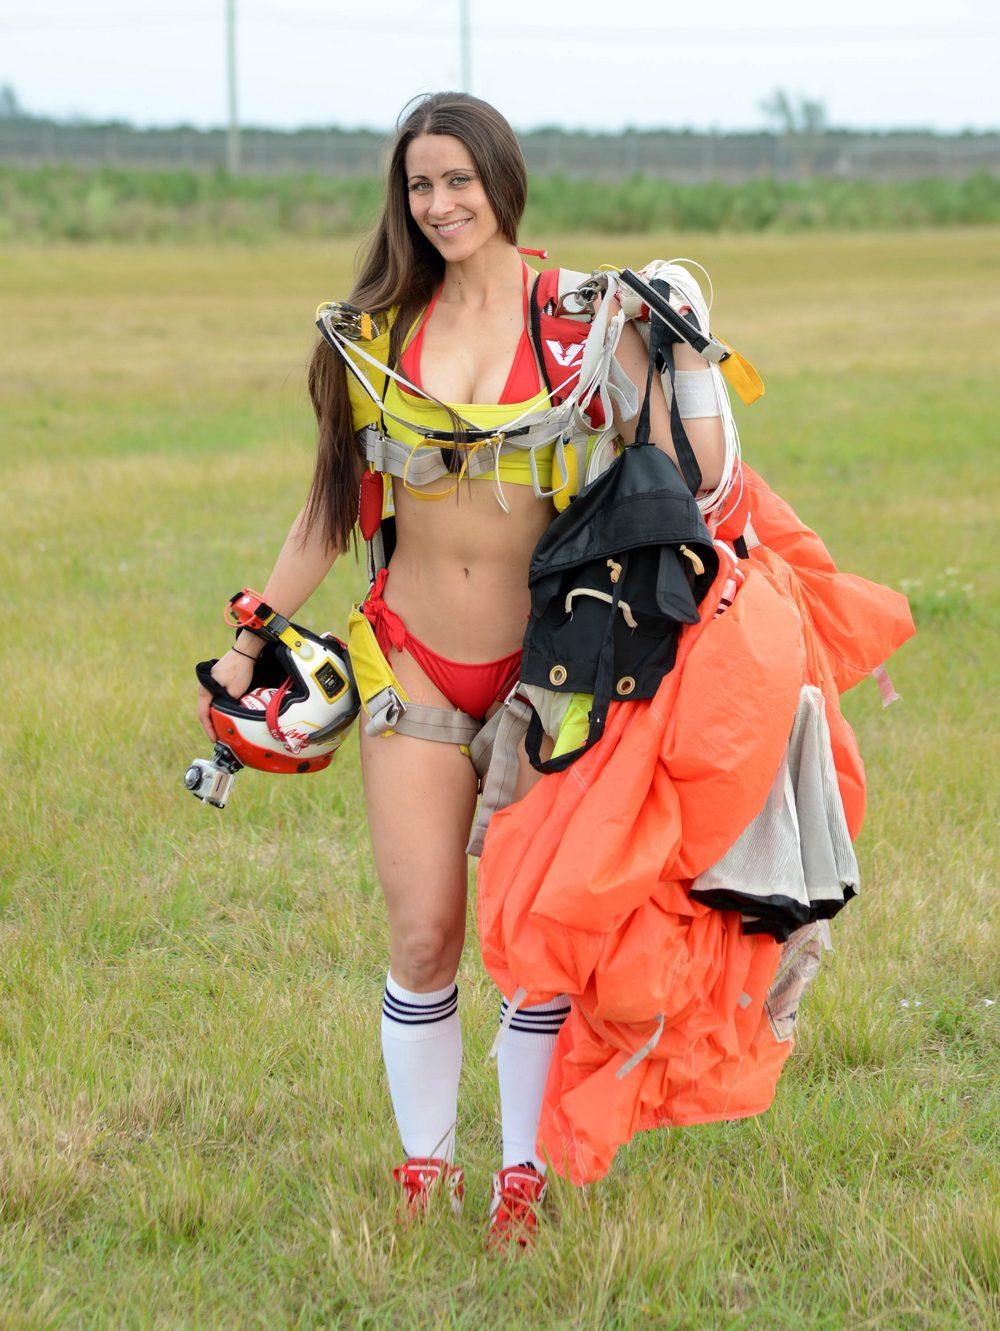 фотографии голых девушек парашютистов порно демотиваторы